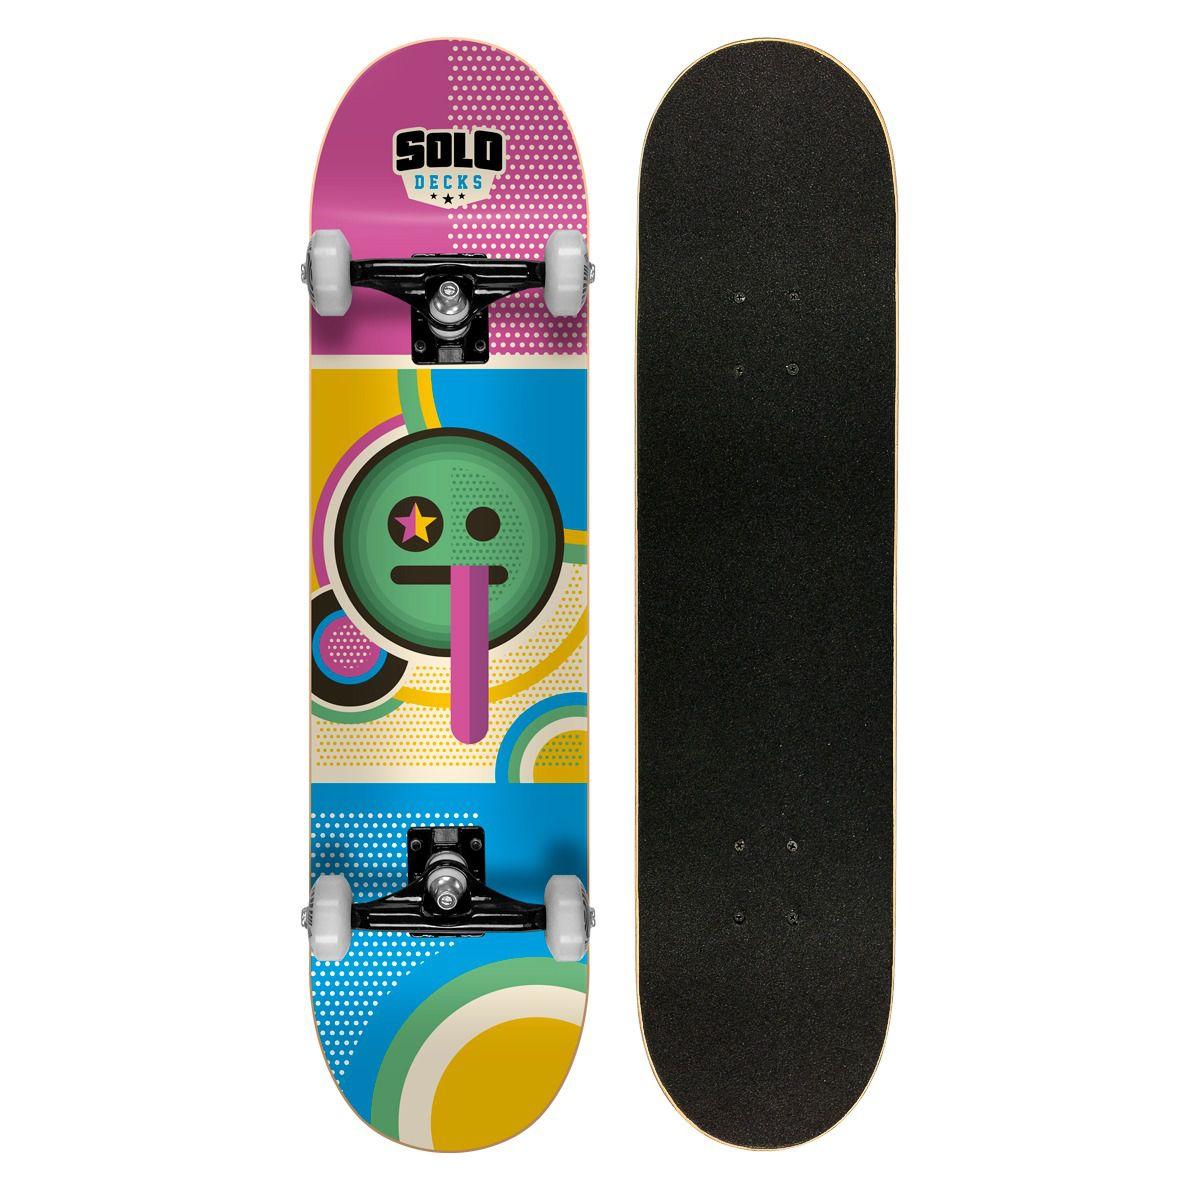 Skate Montado Profissional Solo Decks Pop Art 1 - Até 120kgs